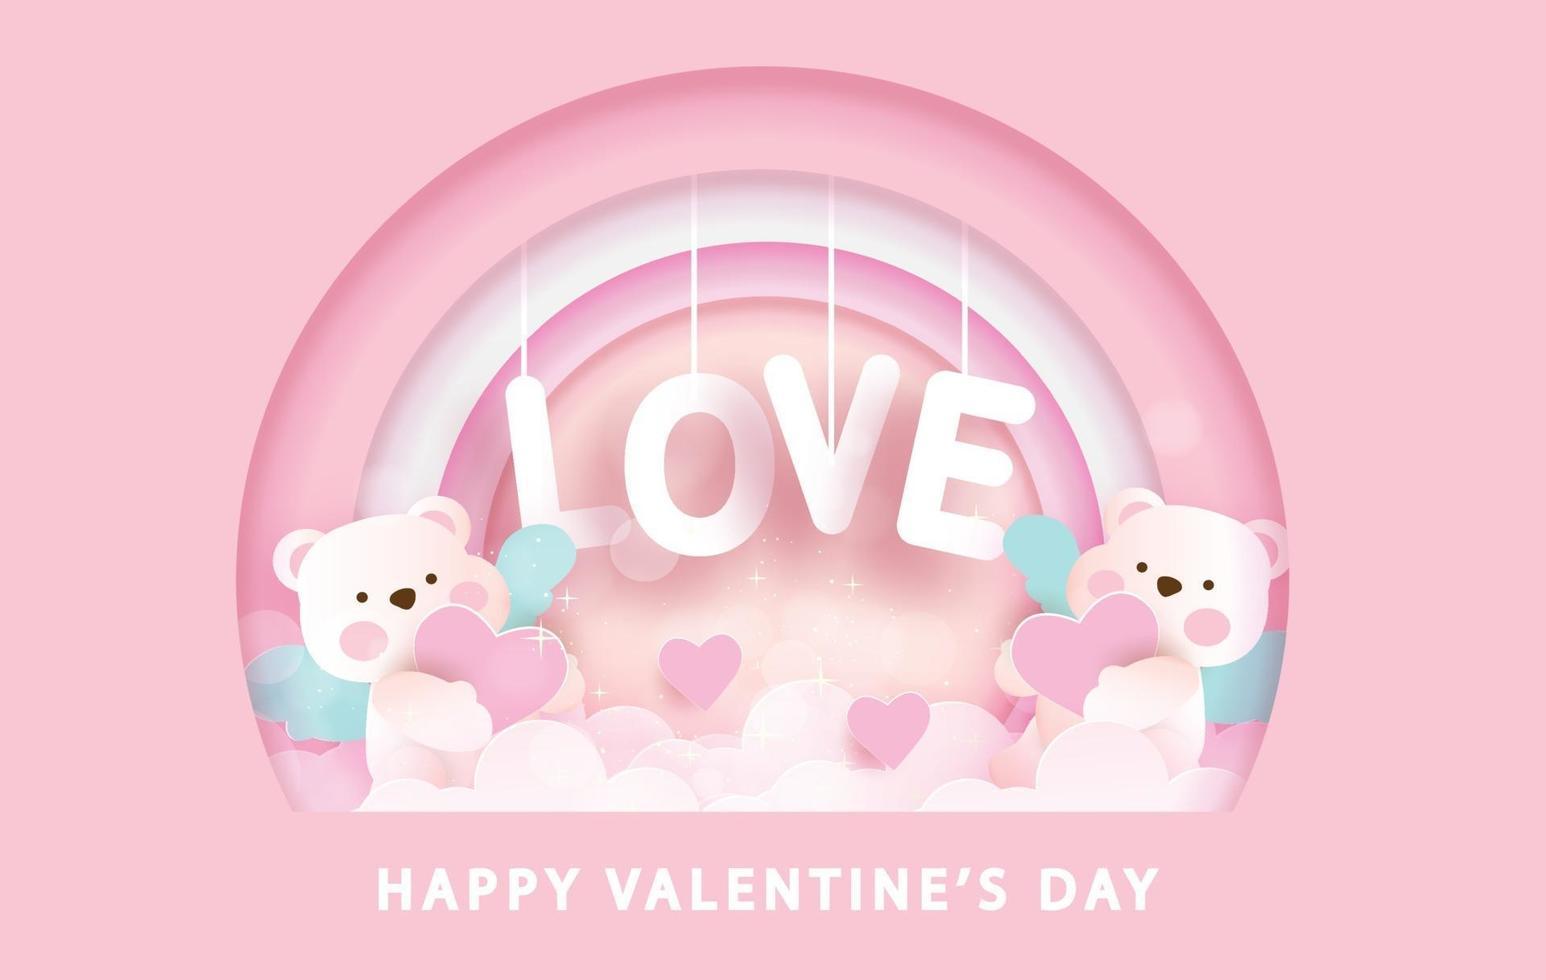 Valentijnsdag wenskaart met schattige cupido beren en liefdetekst vector